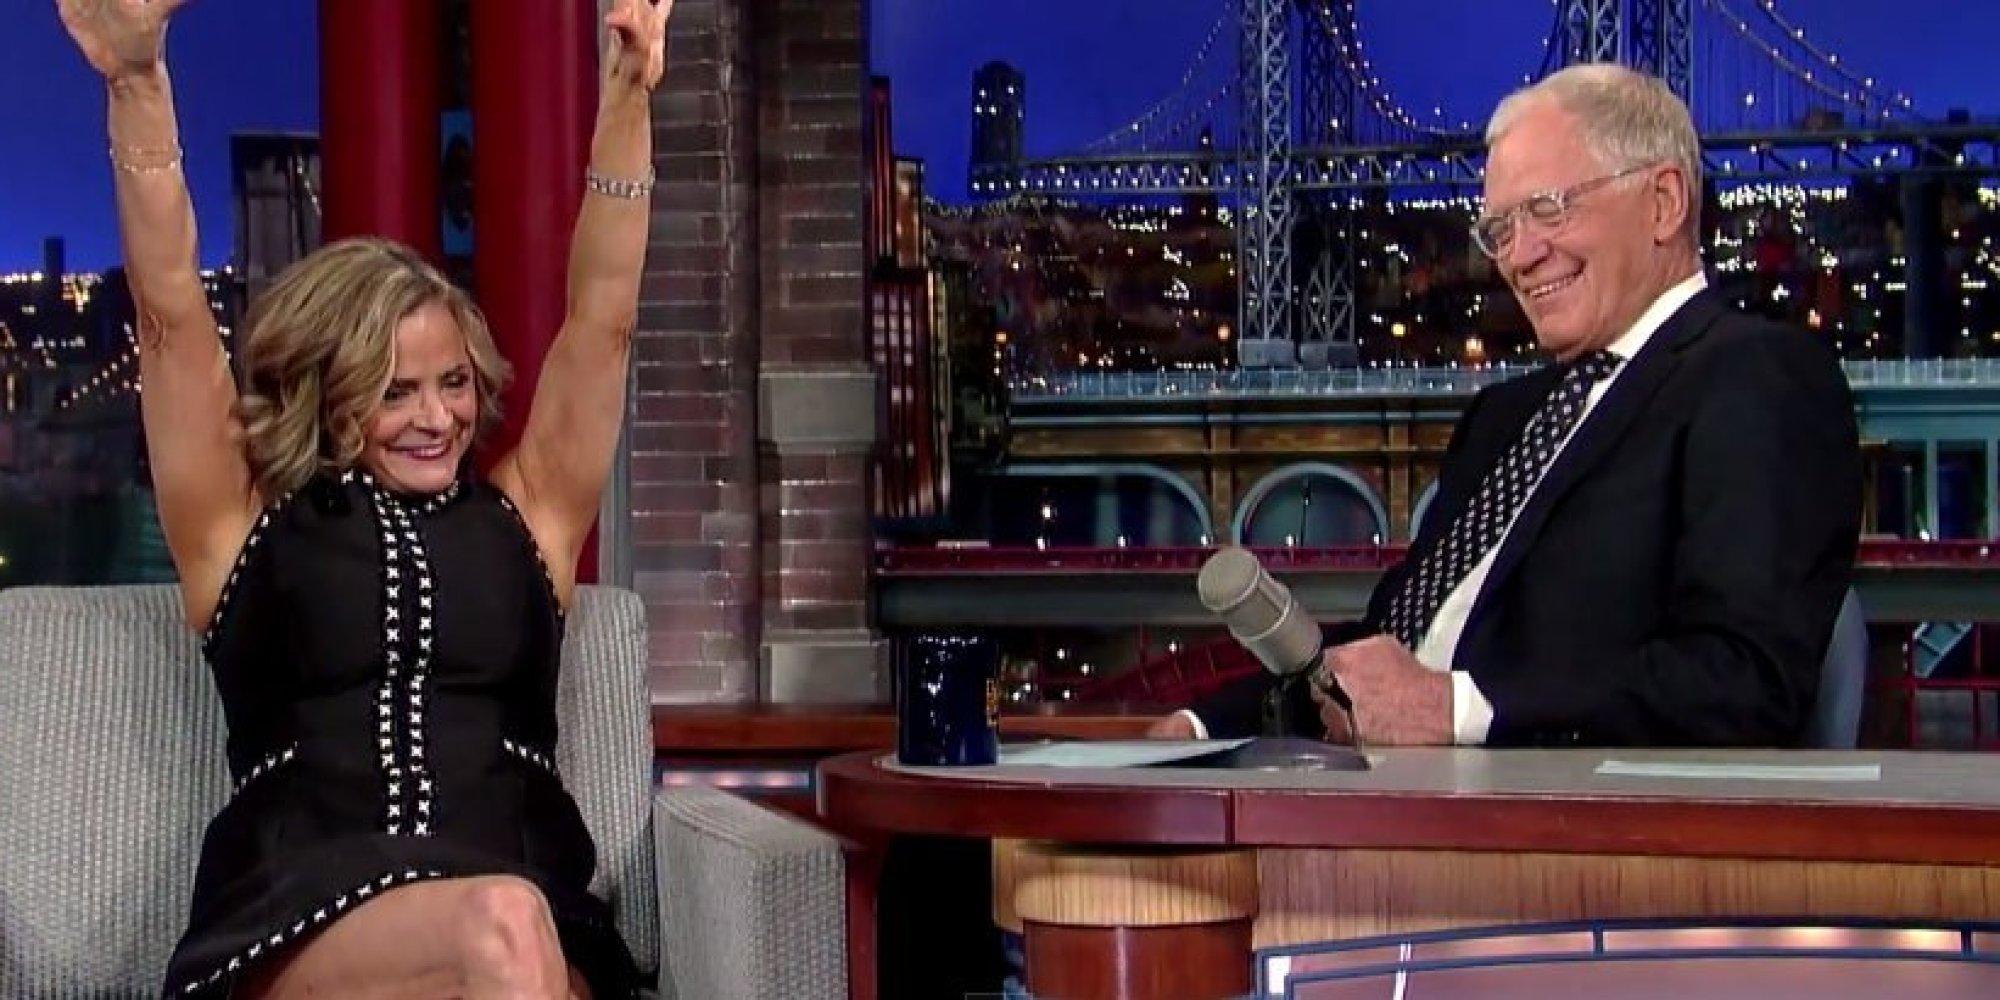 Amy Sedaris and david letterman